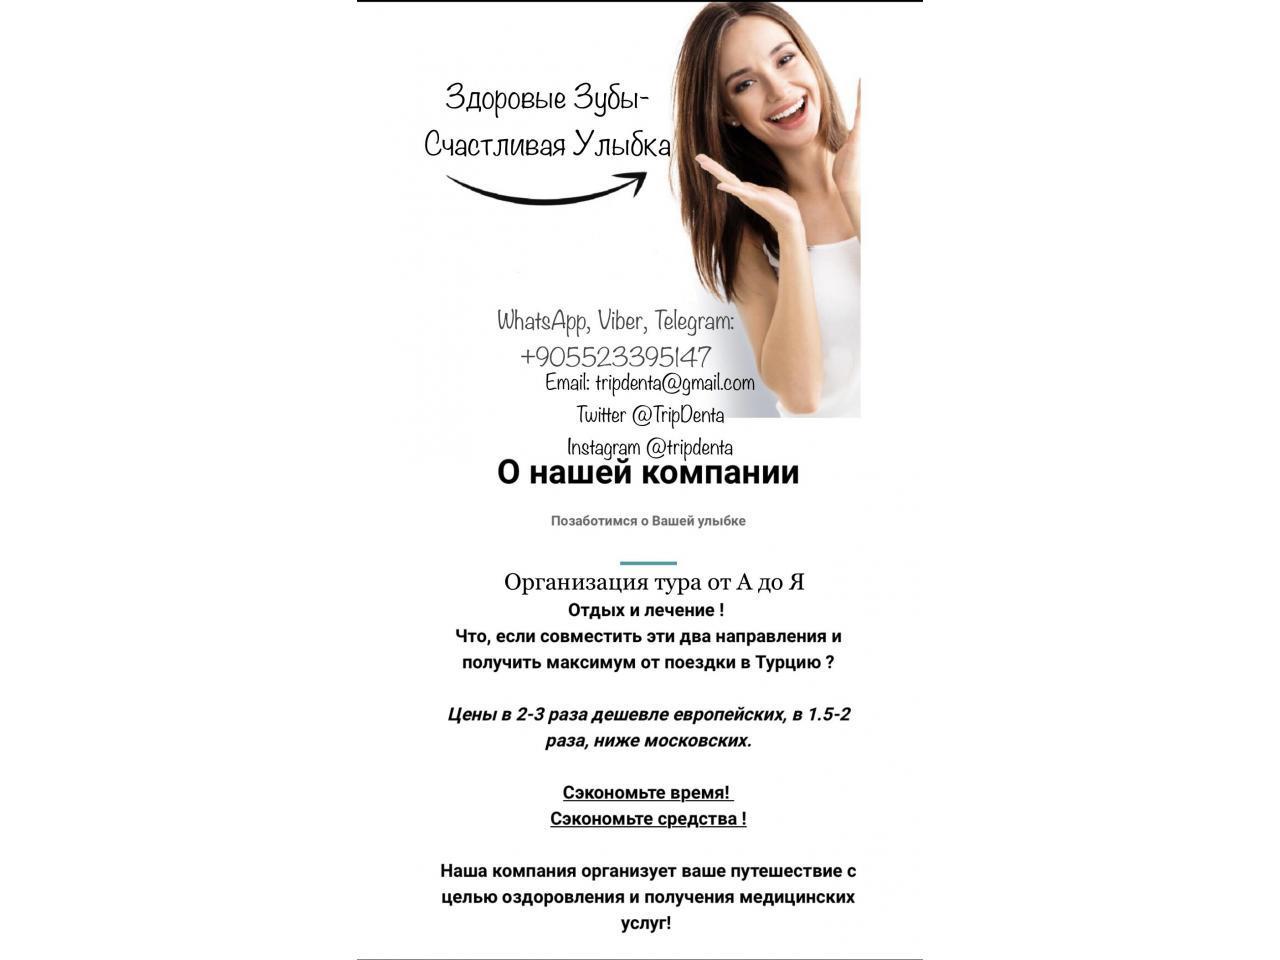 Турция! Отдых и Лечение! Стоматологические/Эстетические услуги в клиниках Стамбула - 10